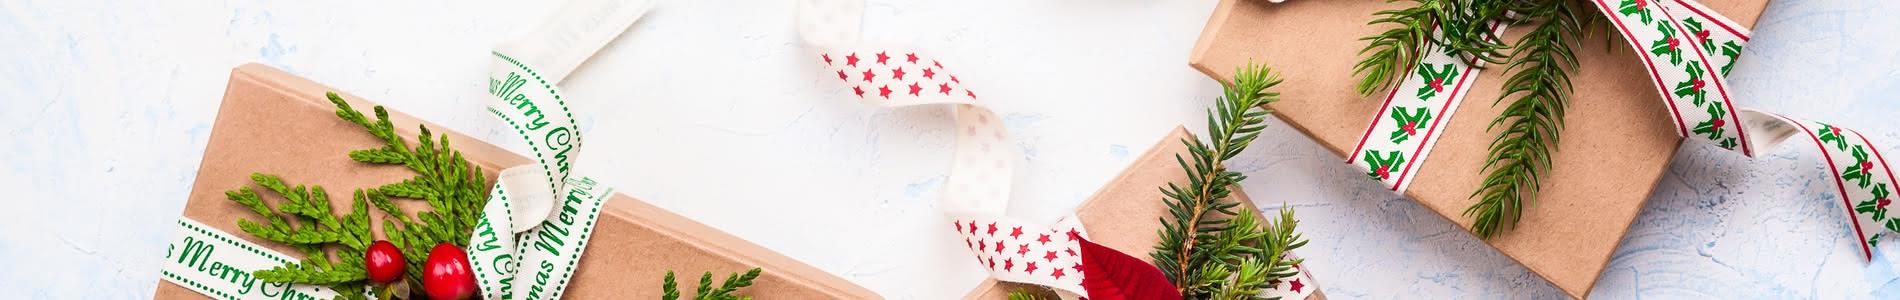 10 ideas de regalo de Navidad